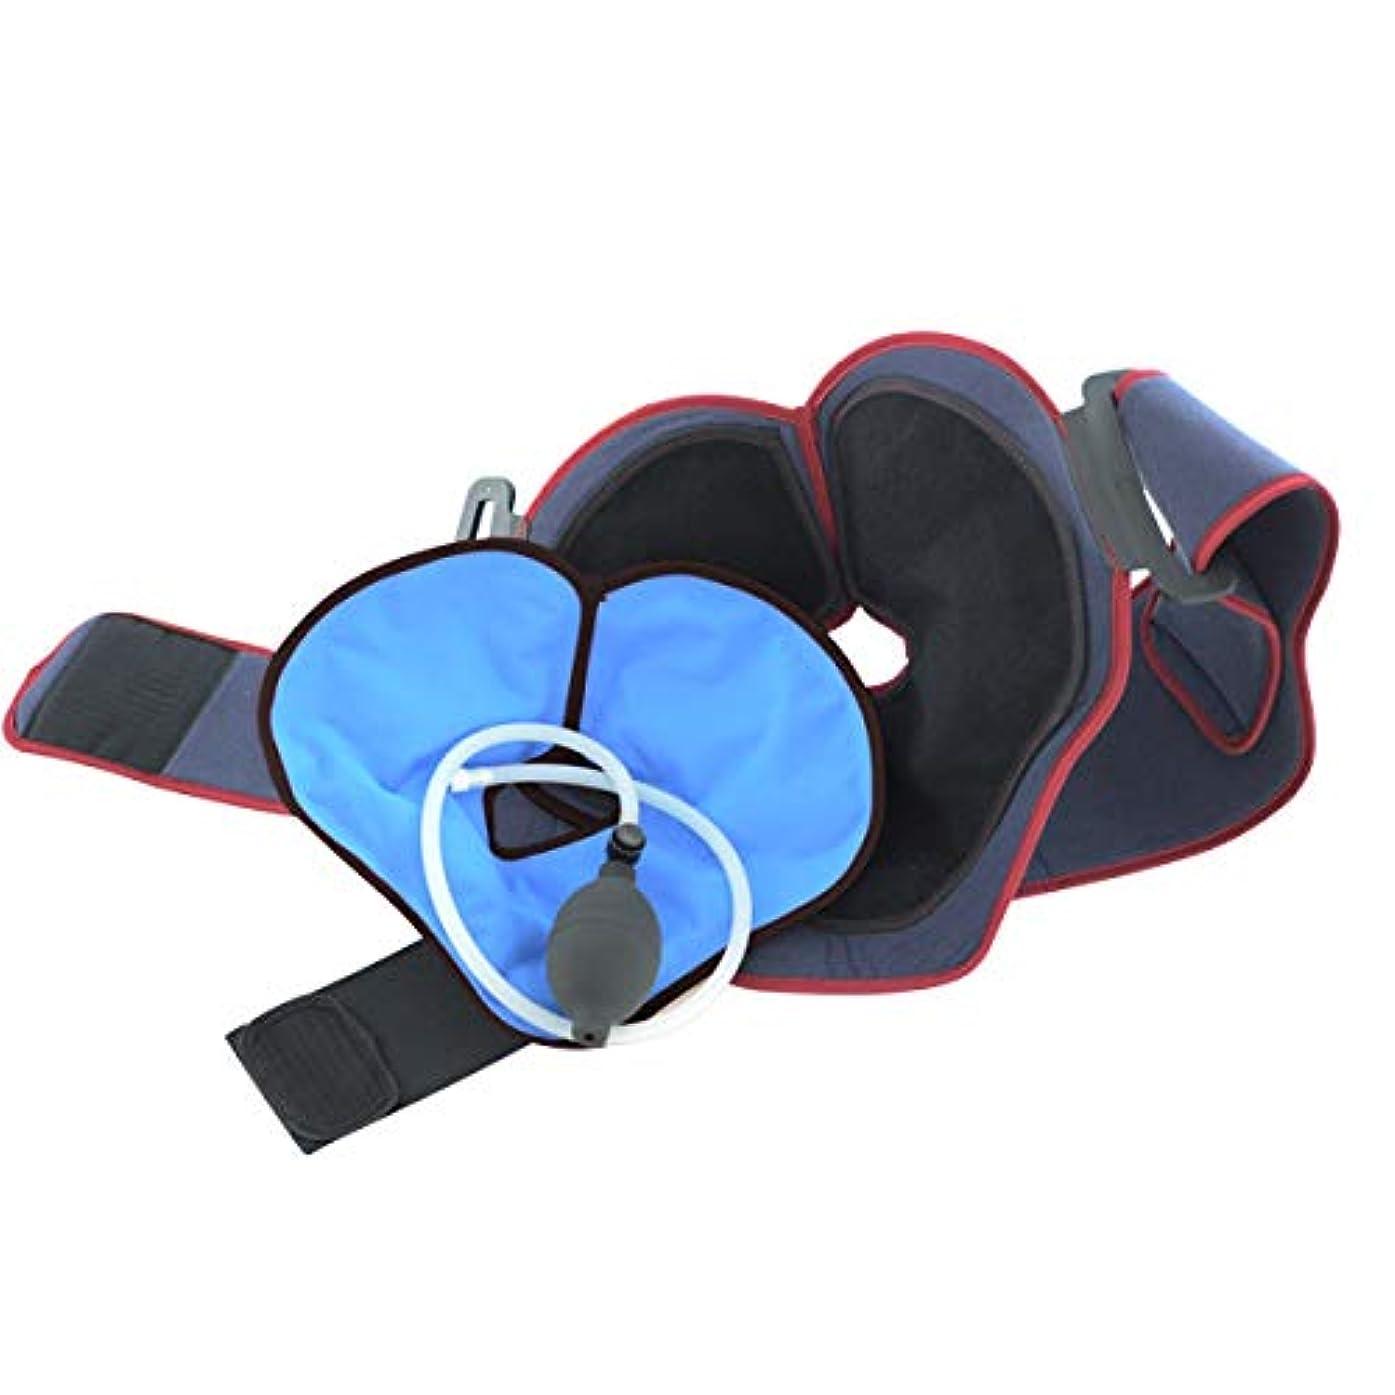 通知するシステムのみ医療用冷却パック コールドラップ LM-507PM(S) アイシング用サポーター付 ジュニア?レディース肩用 (左右兼用) コールドラップJr一式